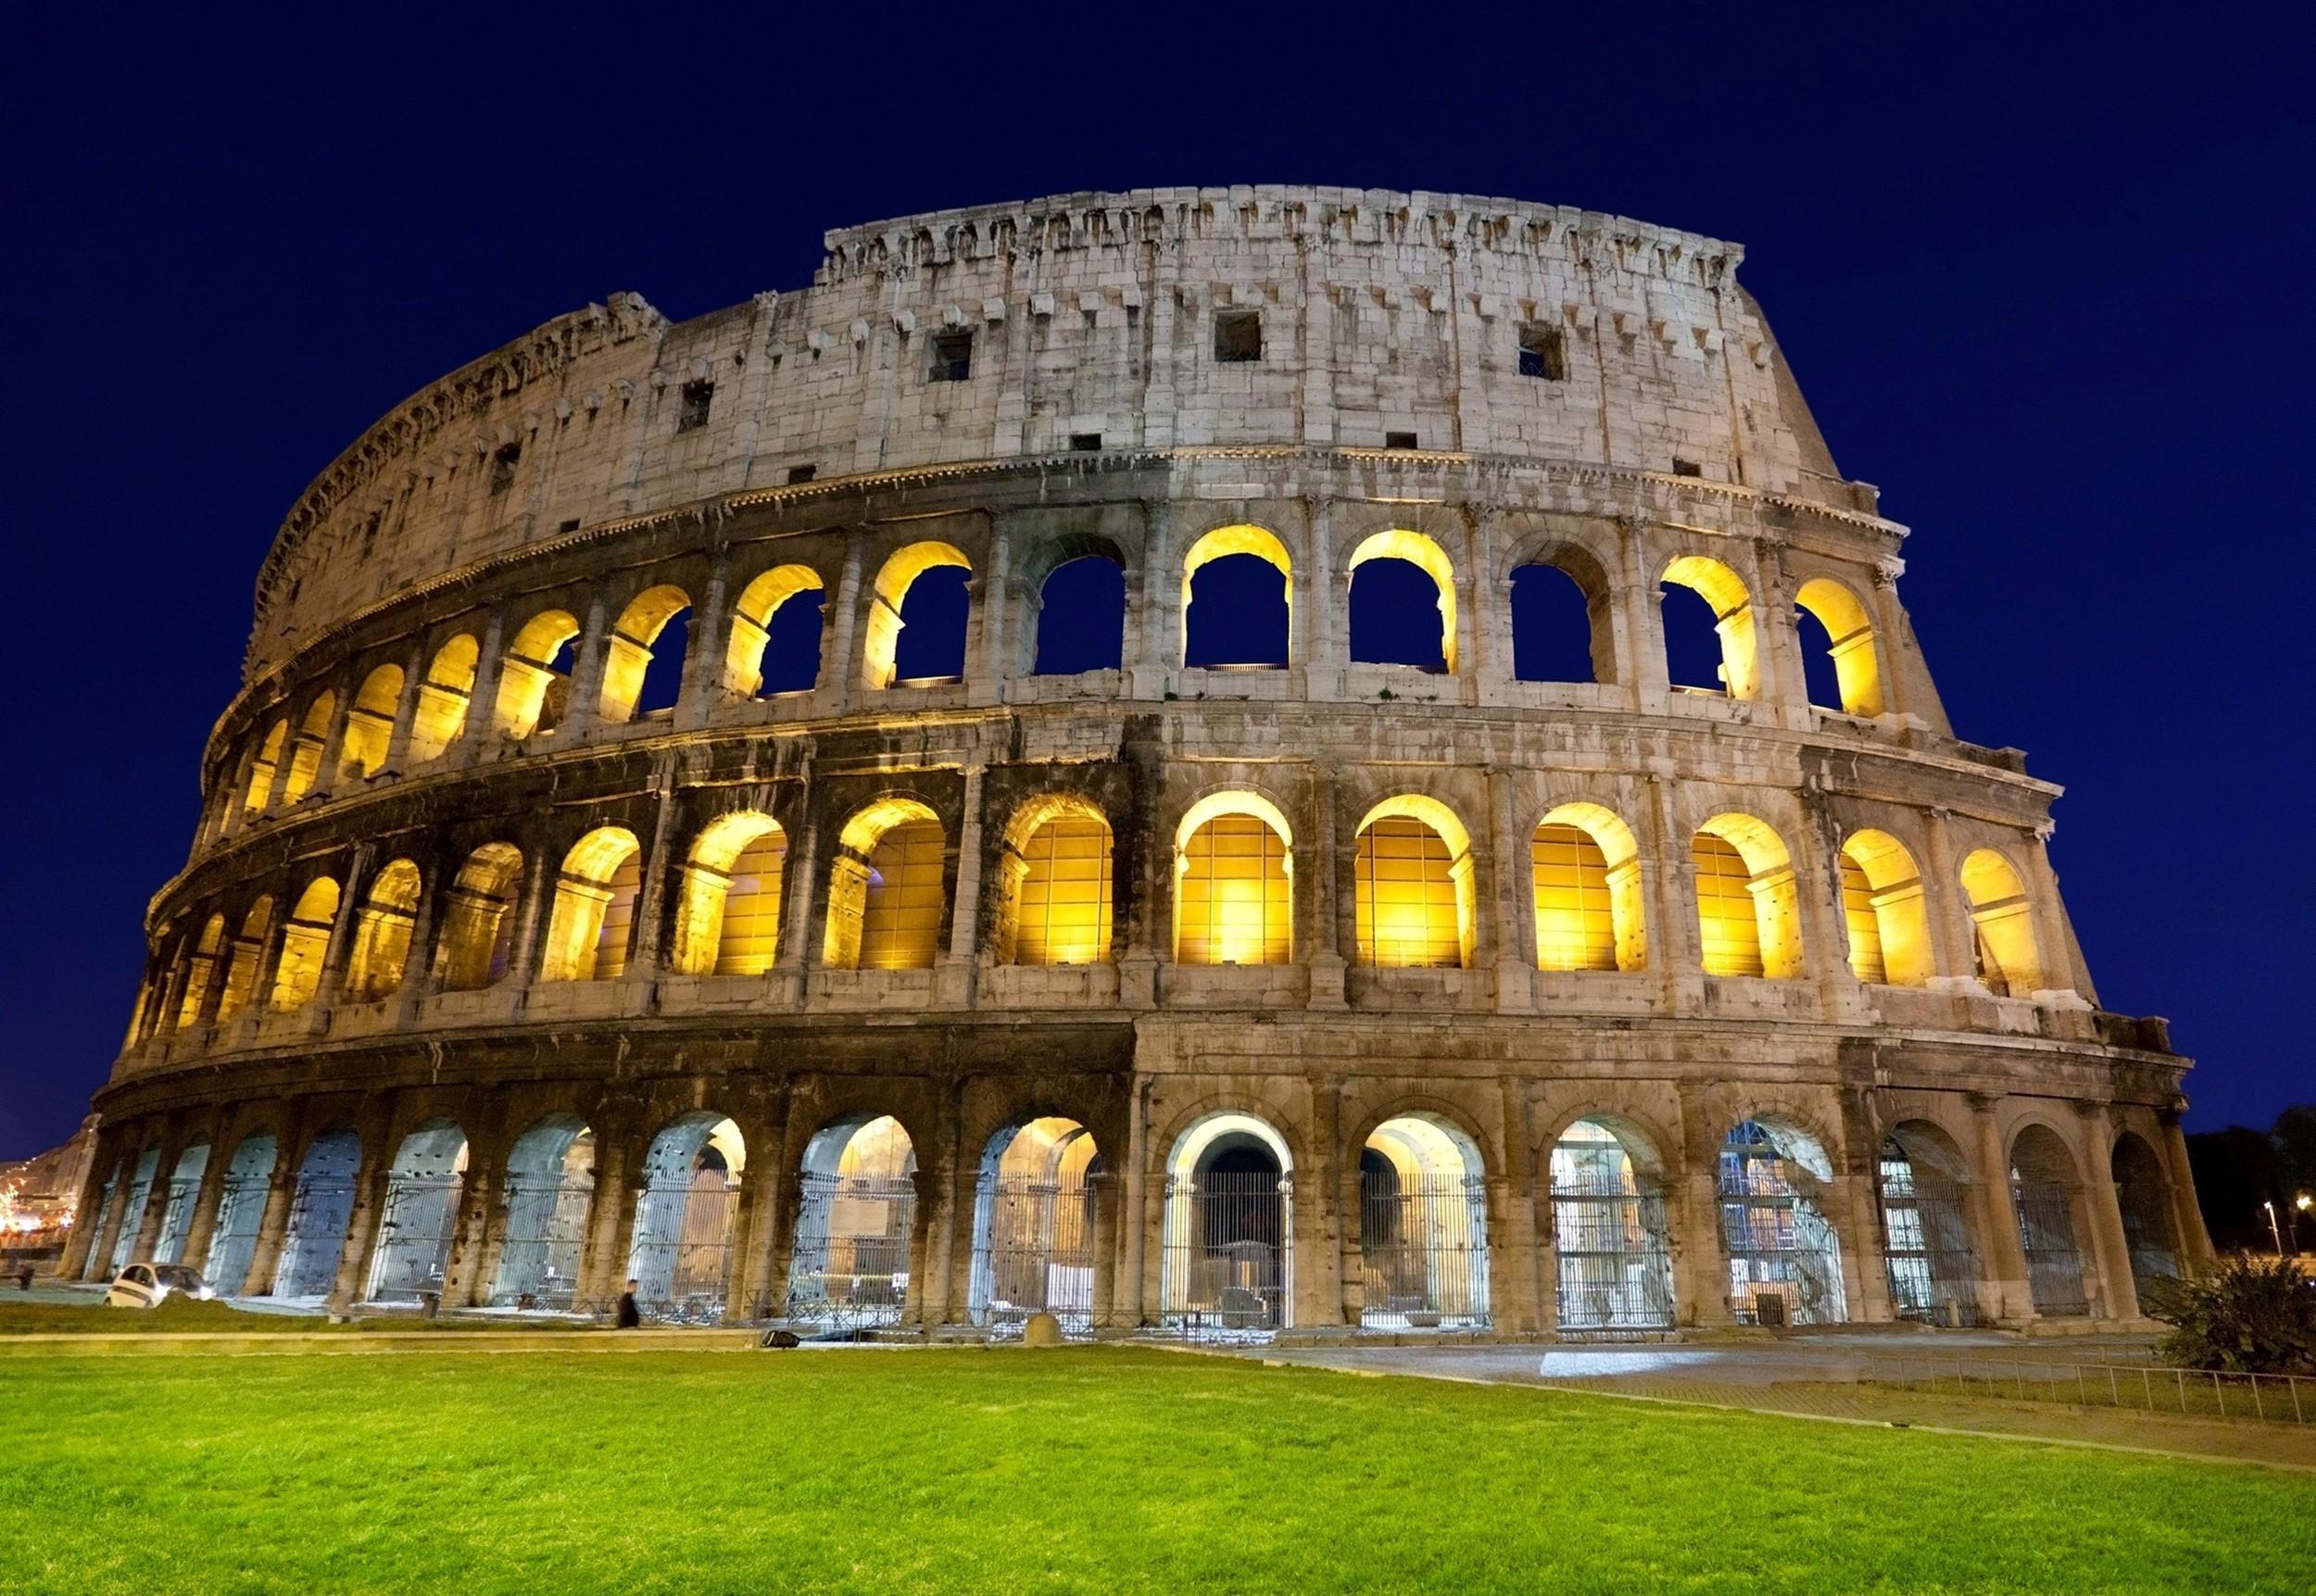 Wonder_of_World_Colosseum_in_Italy_Wallpaper.jpg